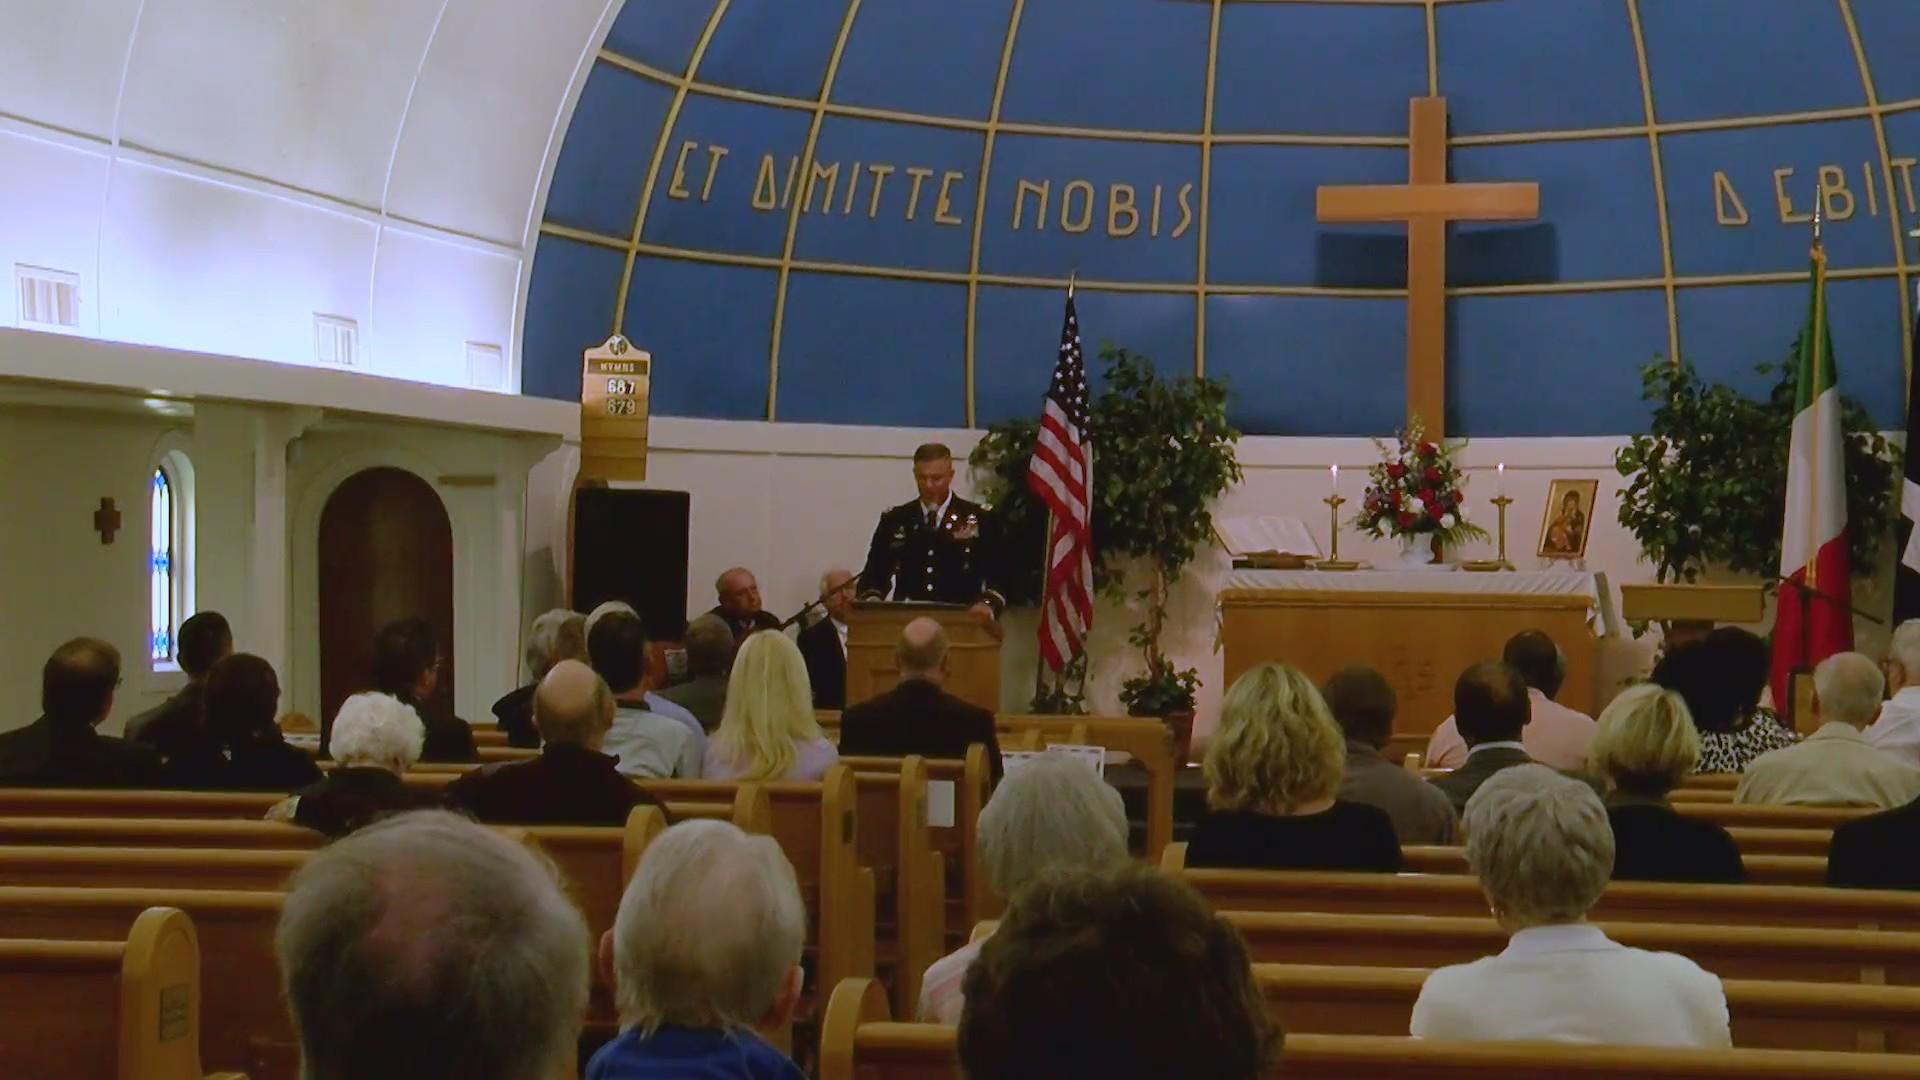 9/11 MEMORIAL SERVICE CHAMBERSBURG